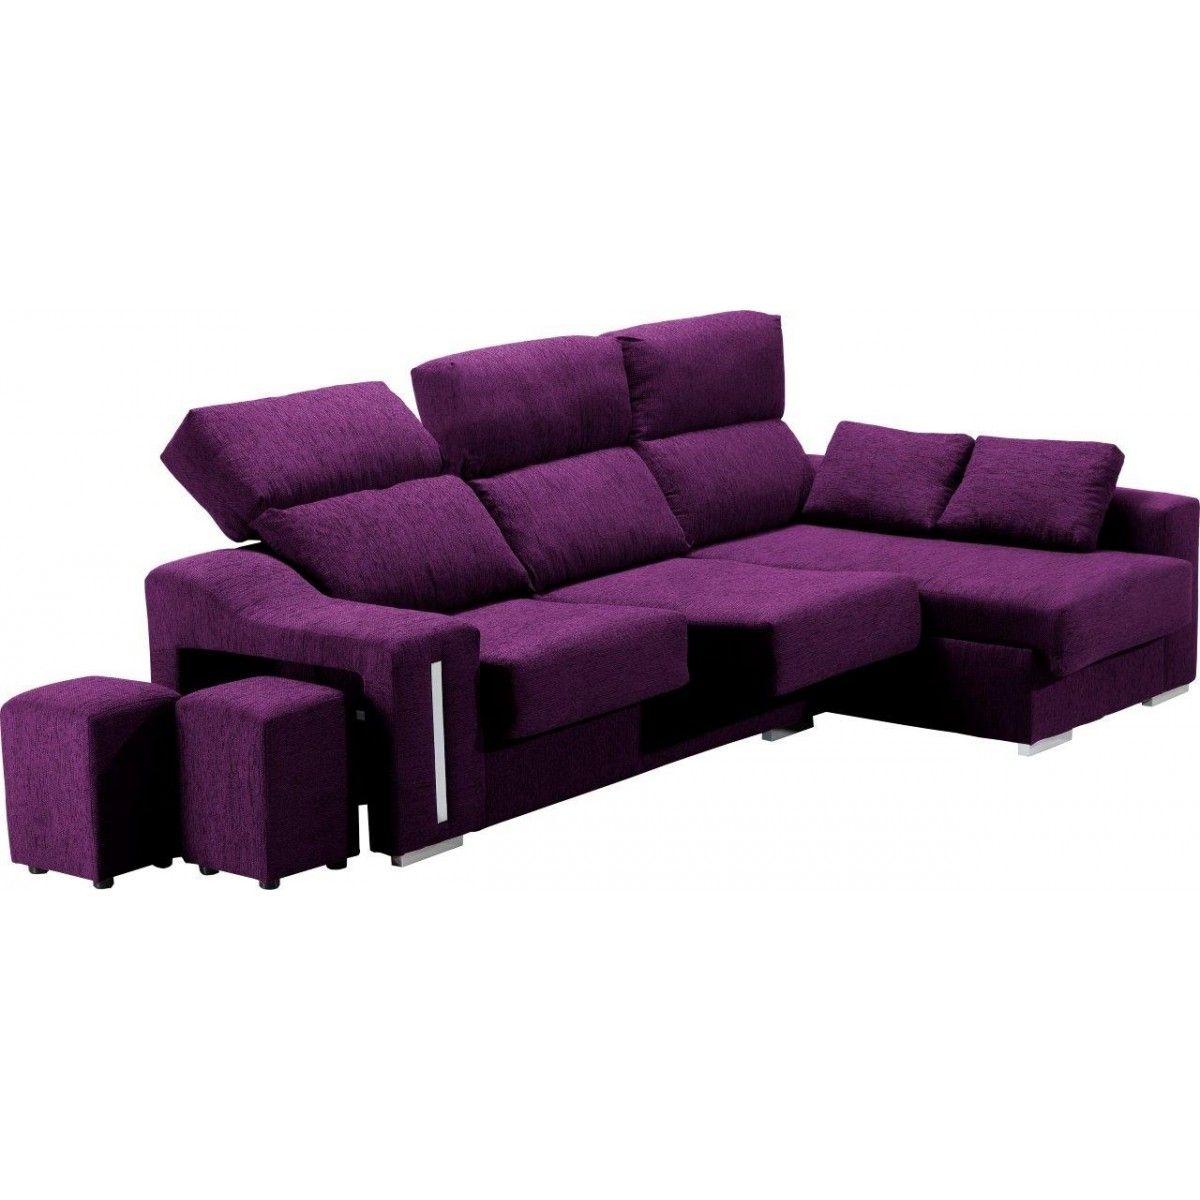 poufs conforama poufs conforama with poufs conforama good banquette coffre poufs ronny xxl. Black Bedroom Furniture Sets. Home Design Ideas